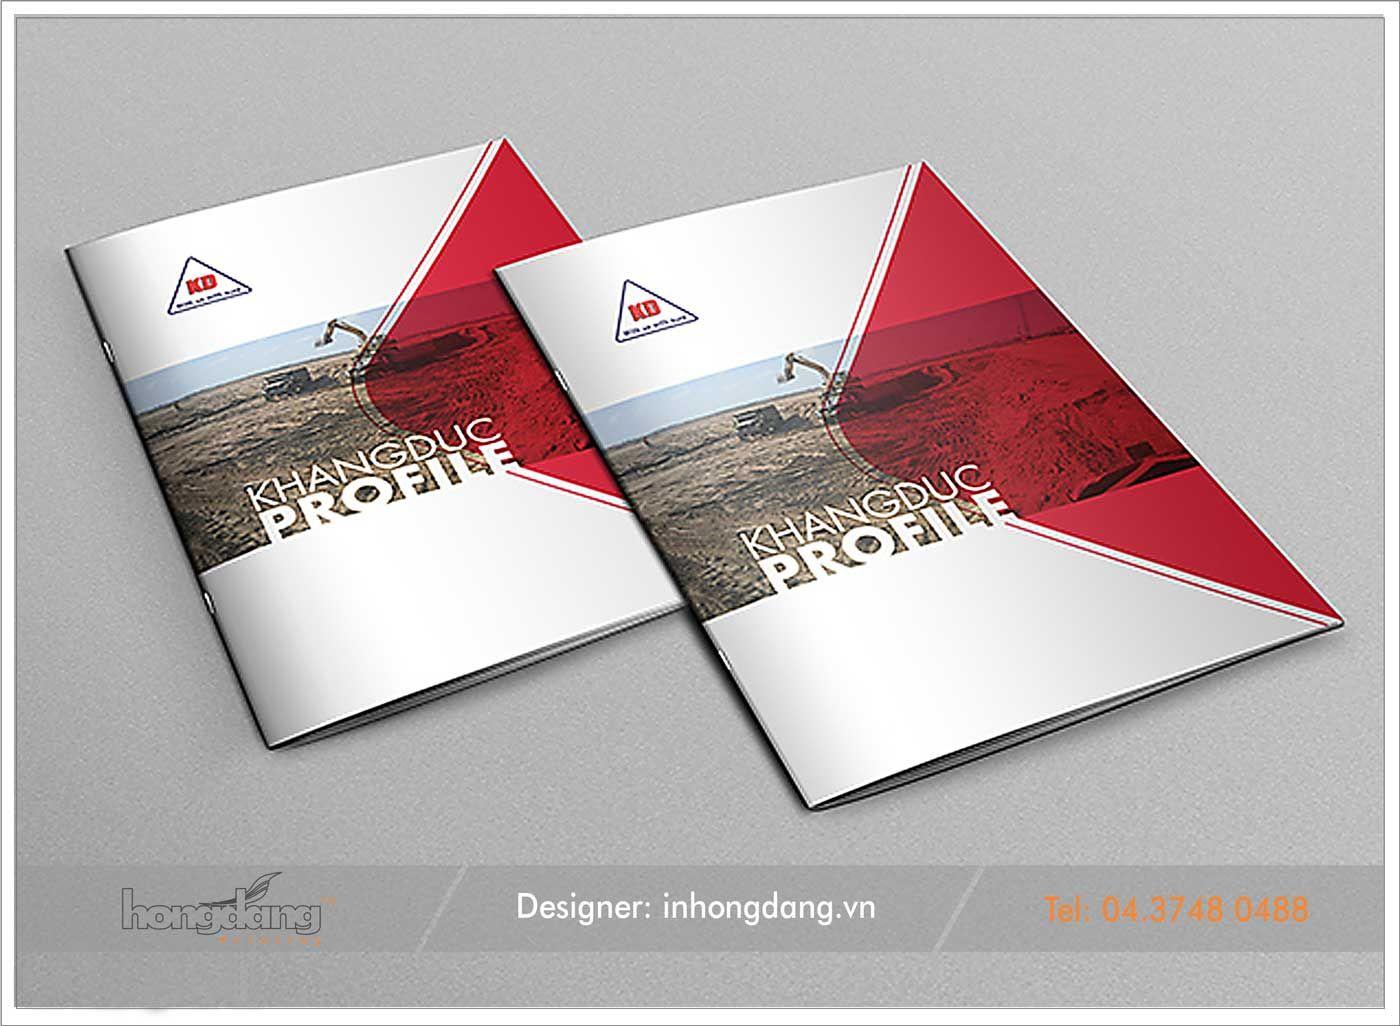 http://inhongdang.vn/in-an/in-profile/in-profile-cong-ty Nếu bạn muốn giới thiệu tóm tắt về công ty, lĩnh vực kinh doanh, các thế mạnh, sản phảm – dịch vụ, khách hàng và các dự án mà công ty đã thực hiện thì hãy thiết kế một cuốn Profile công ty.